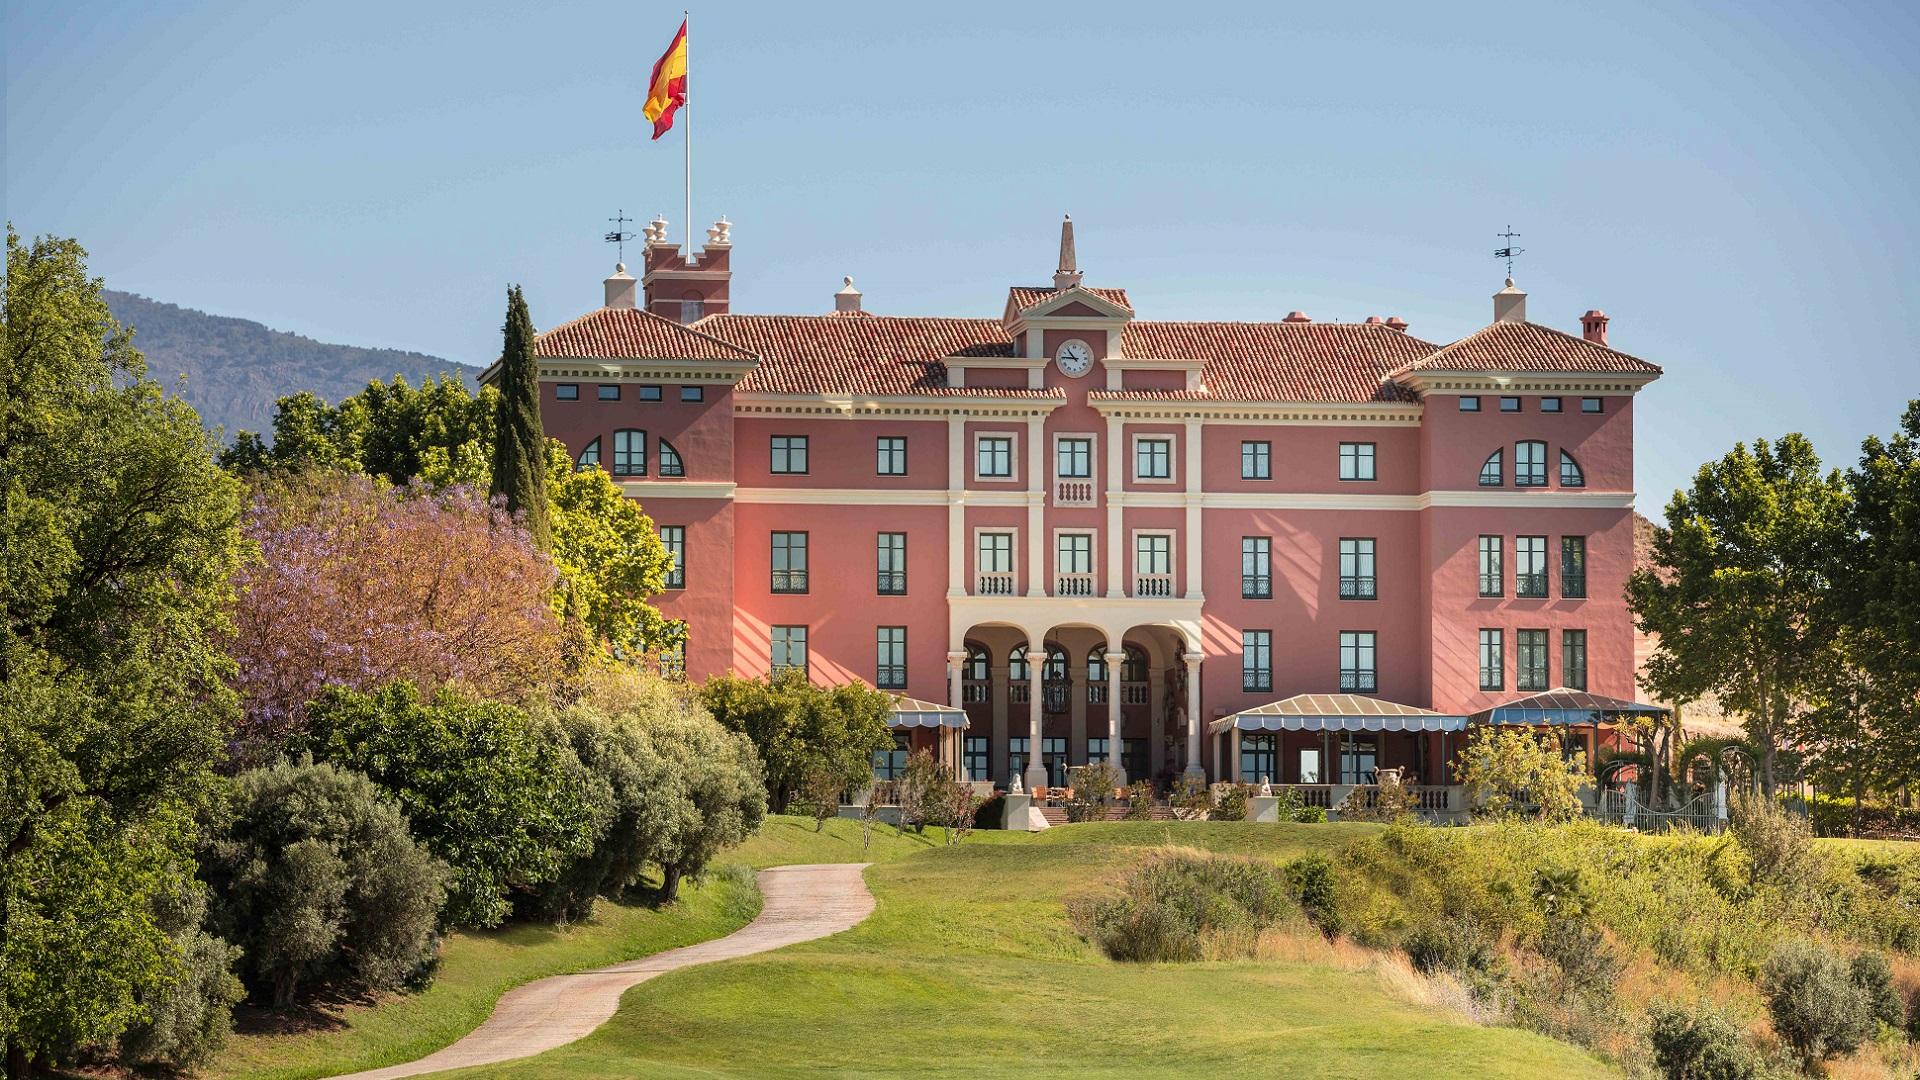 Experiencia de lujo en Anantara Villa Padierna Palace